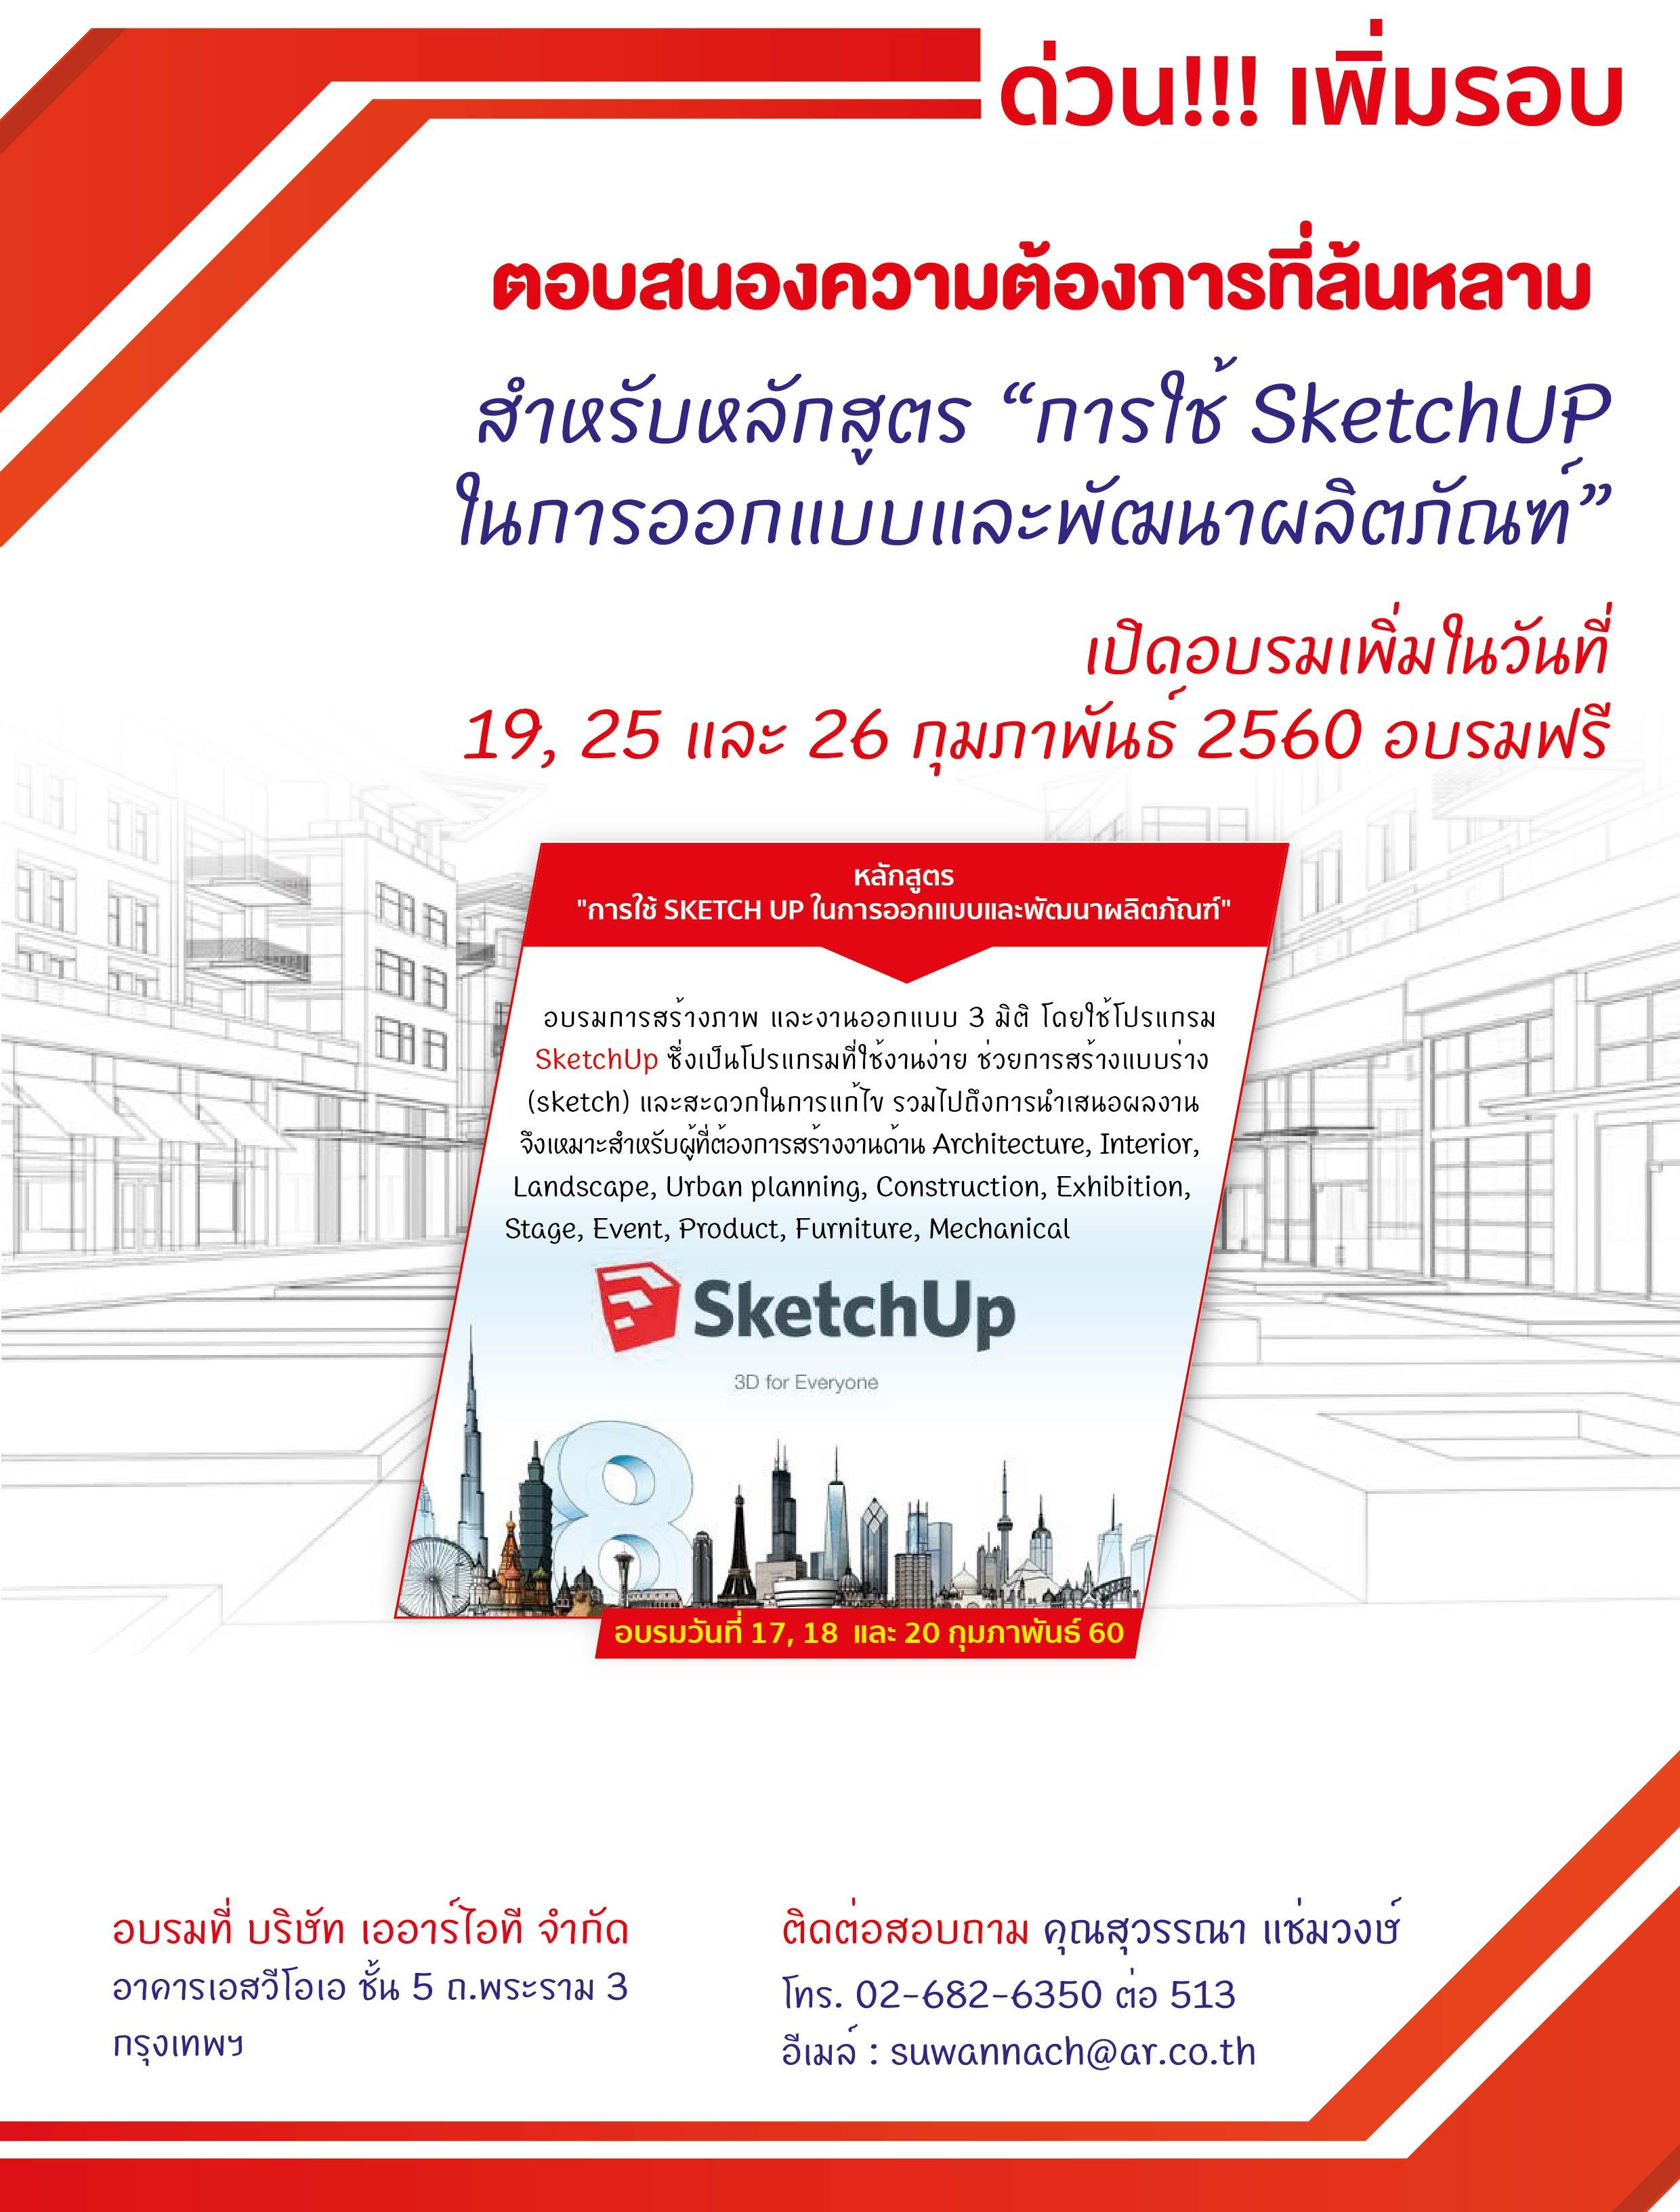 ARIT เปิดอบรมฟรี!! การใช้ Sketch UP ในการออกแบบและพัฒนาผลิตภัณฑ์